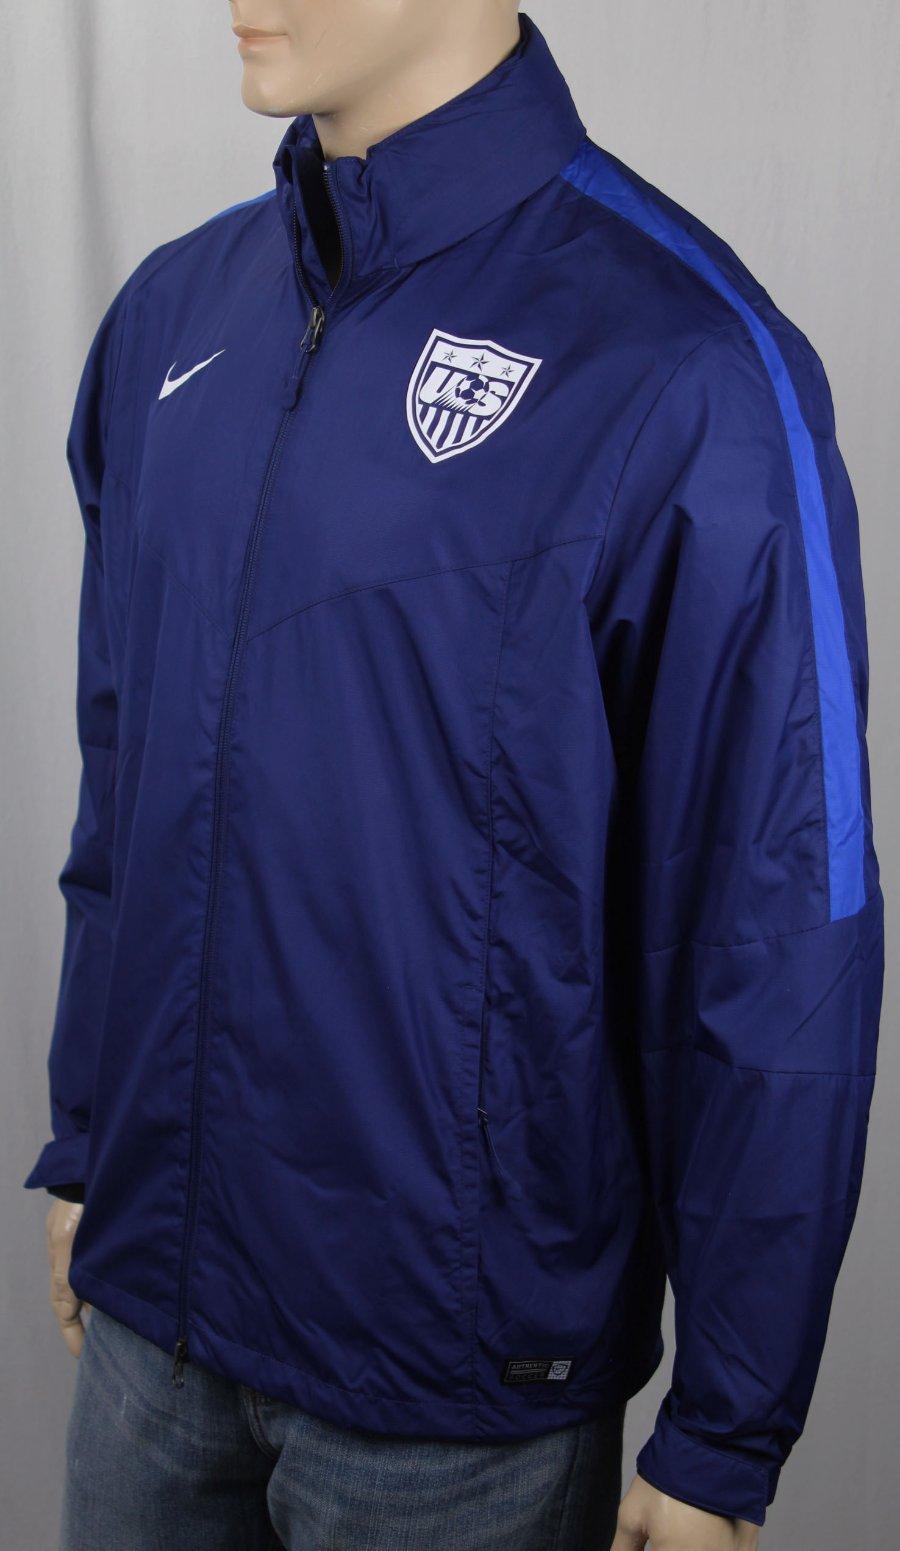 munición Ver insectos rápido  Nike Azul Chaqueta con Capucha Ee.uu. Nacional Soccer Team Storm Fit Nwt    eBay